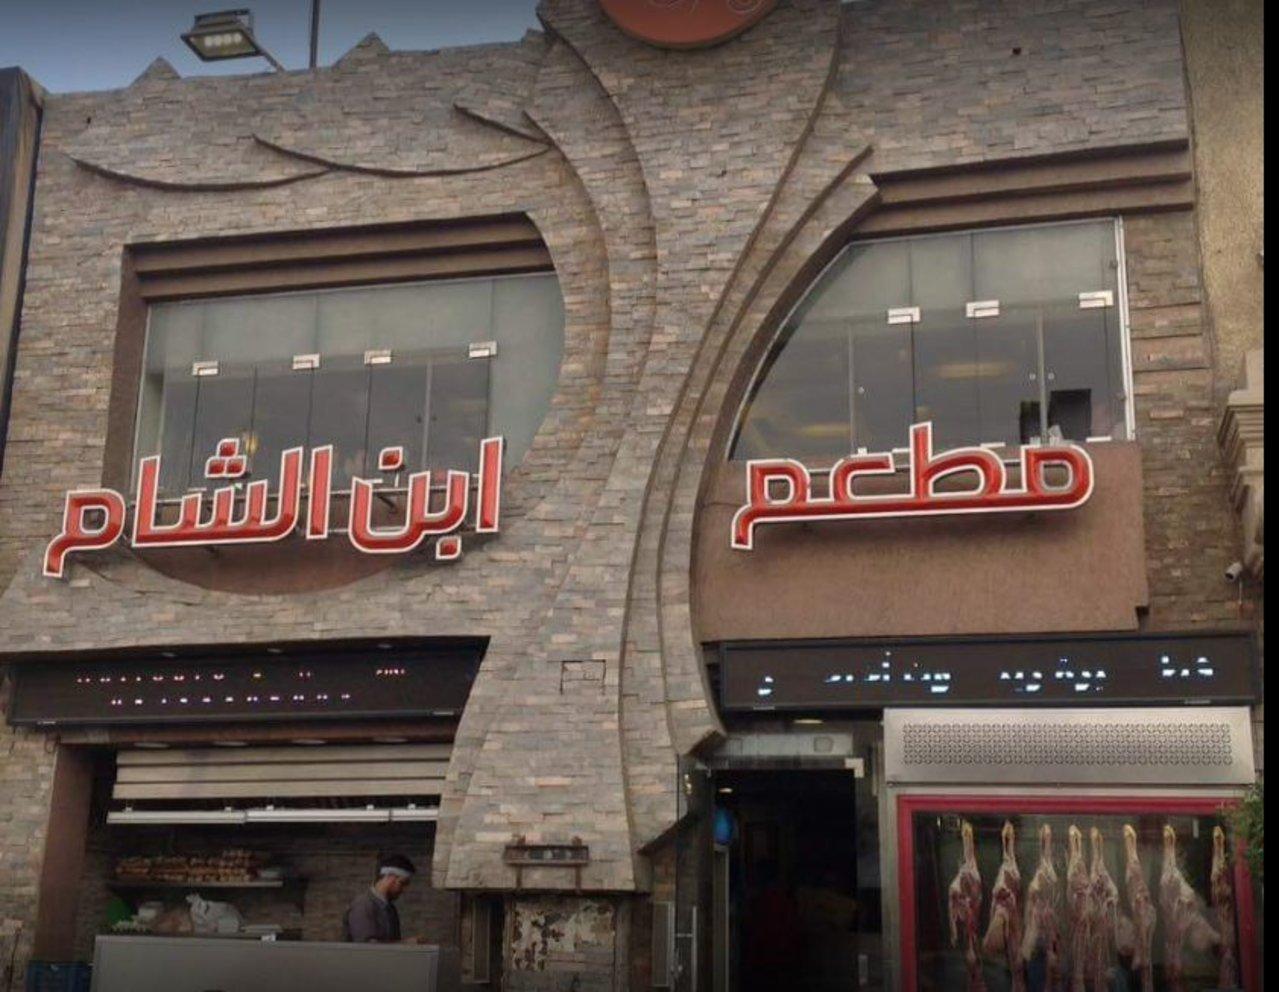 منيو ابن الشام - رقم التوصيل وأسعار الوجبات والعروض 2021